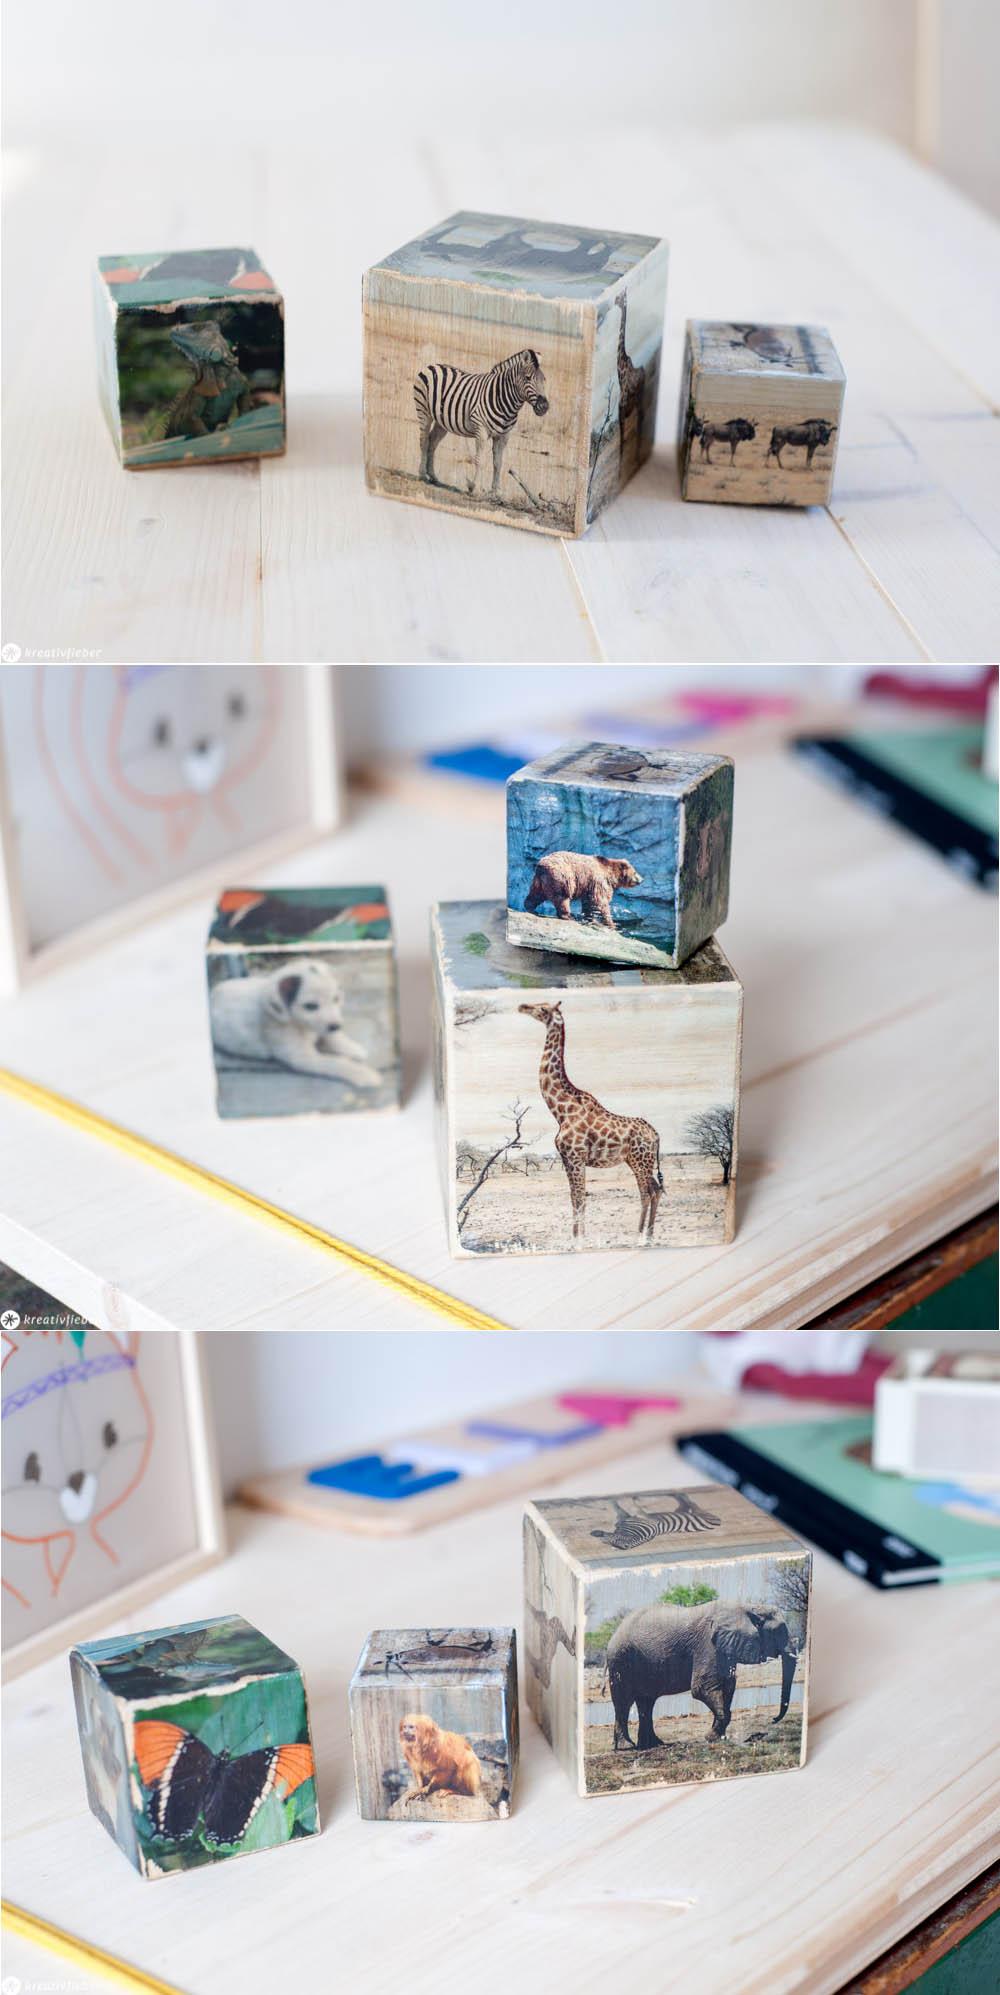 Fototransfer auf Holz Bauklötze Holzwürfel für Kinder Kinderzimmerdeko Geschenkidee